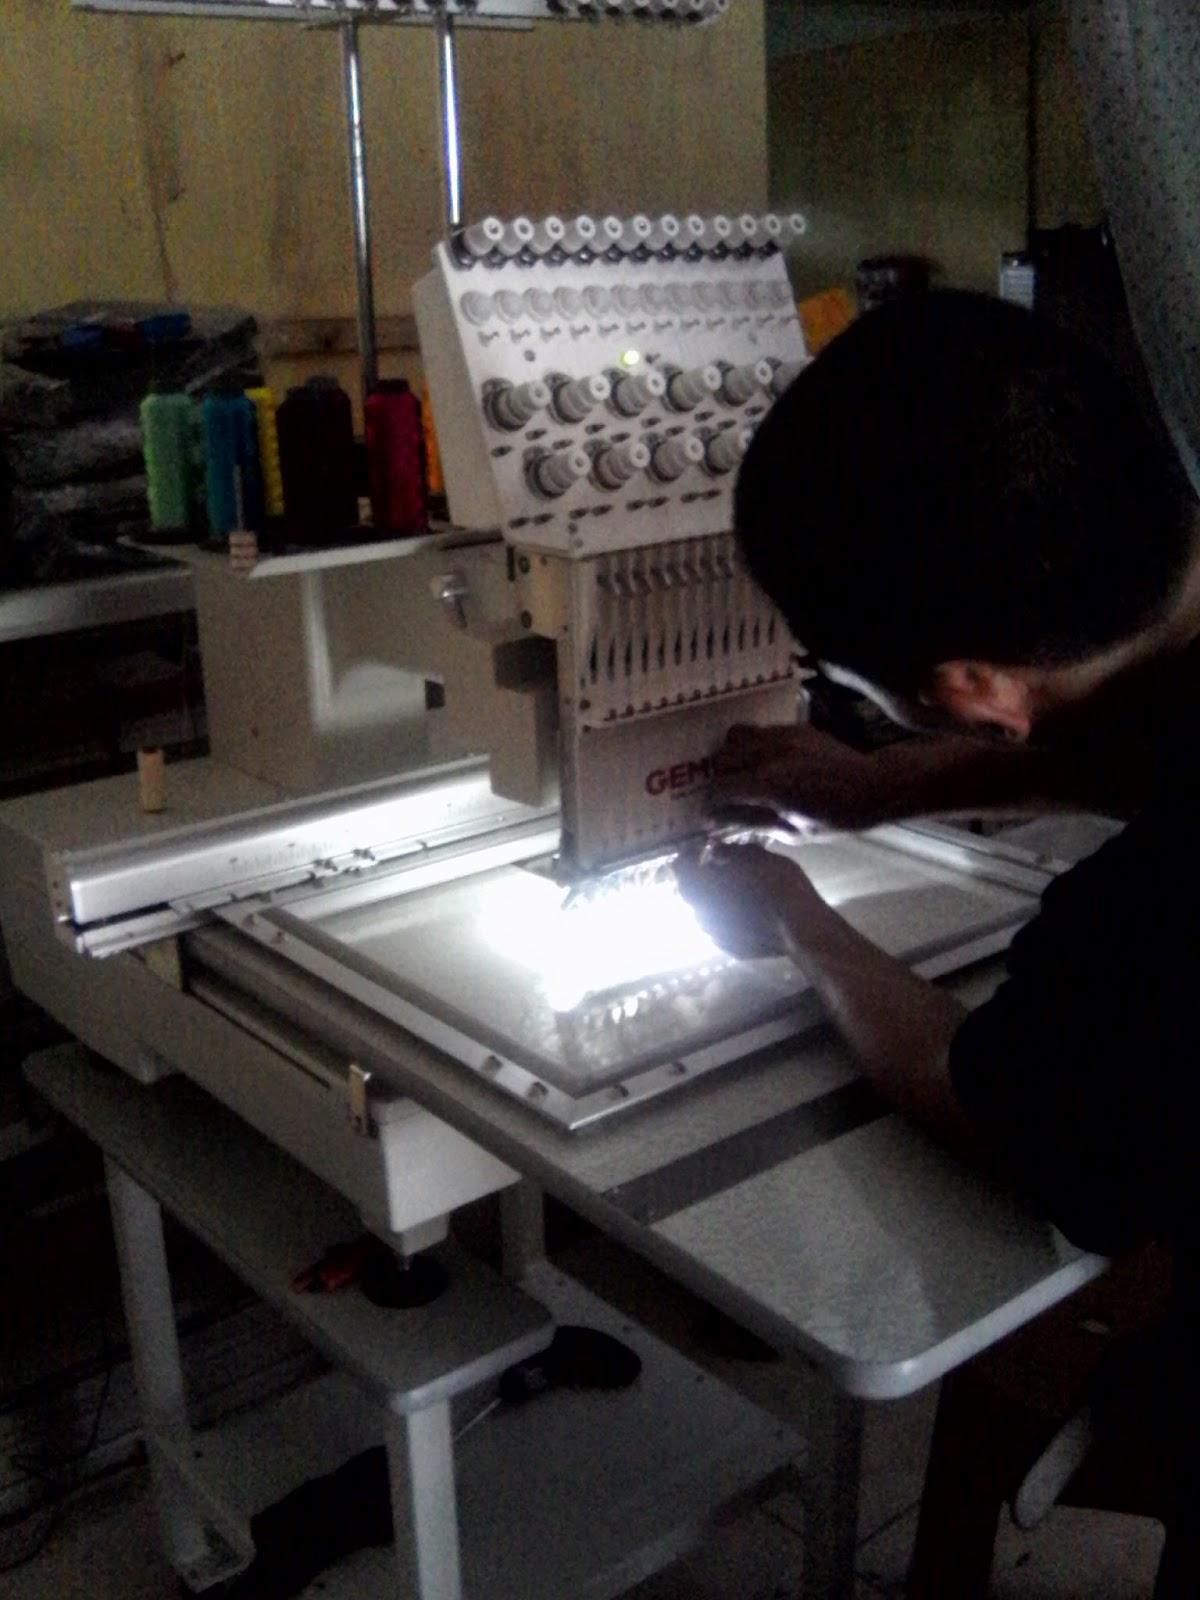 mesin bordir komputer di luwu sulawsi selatan